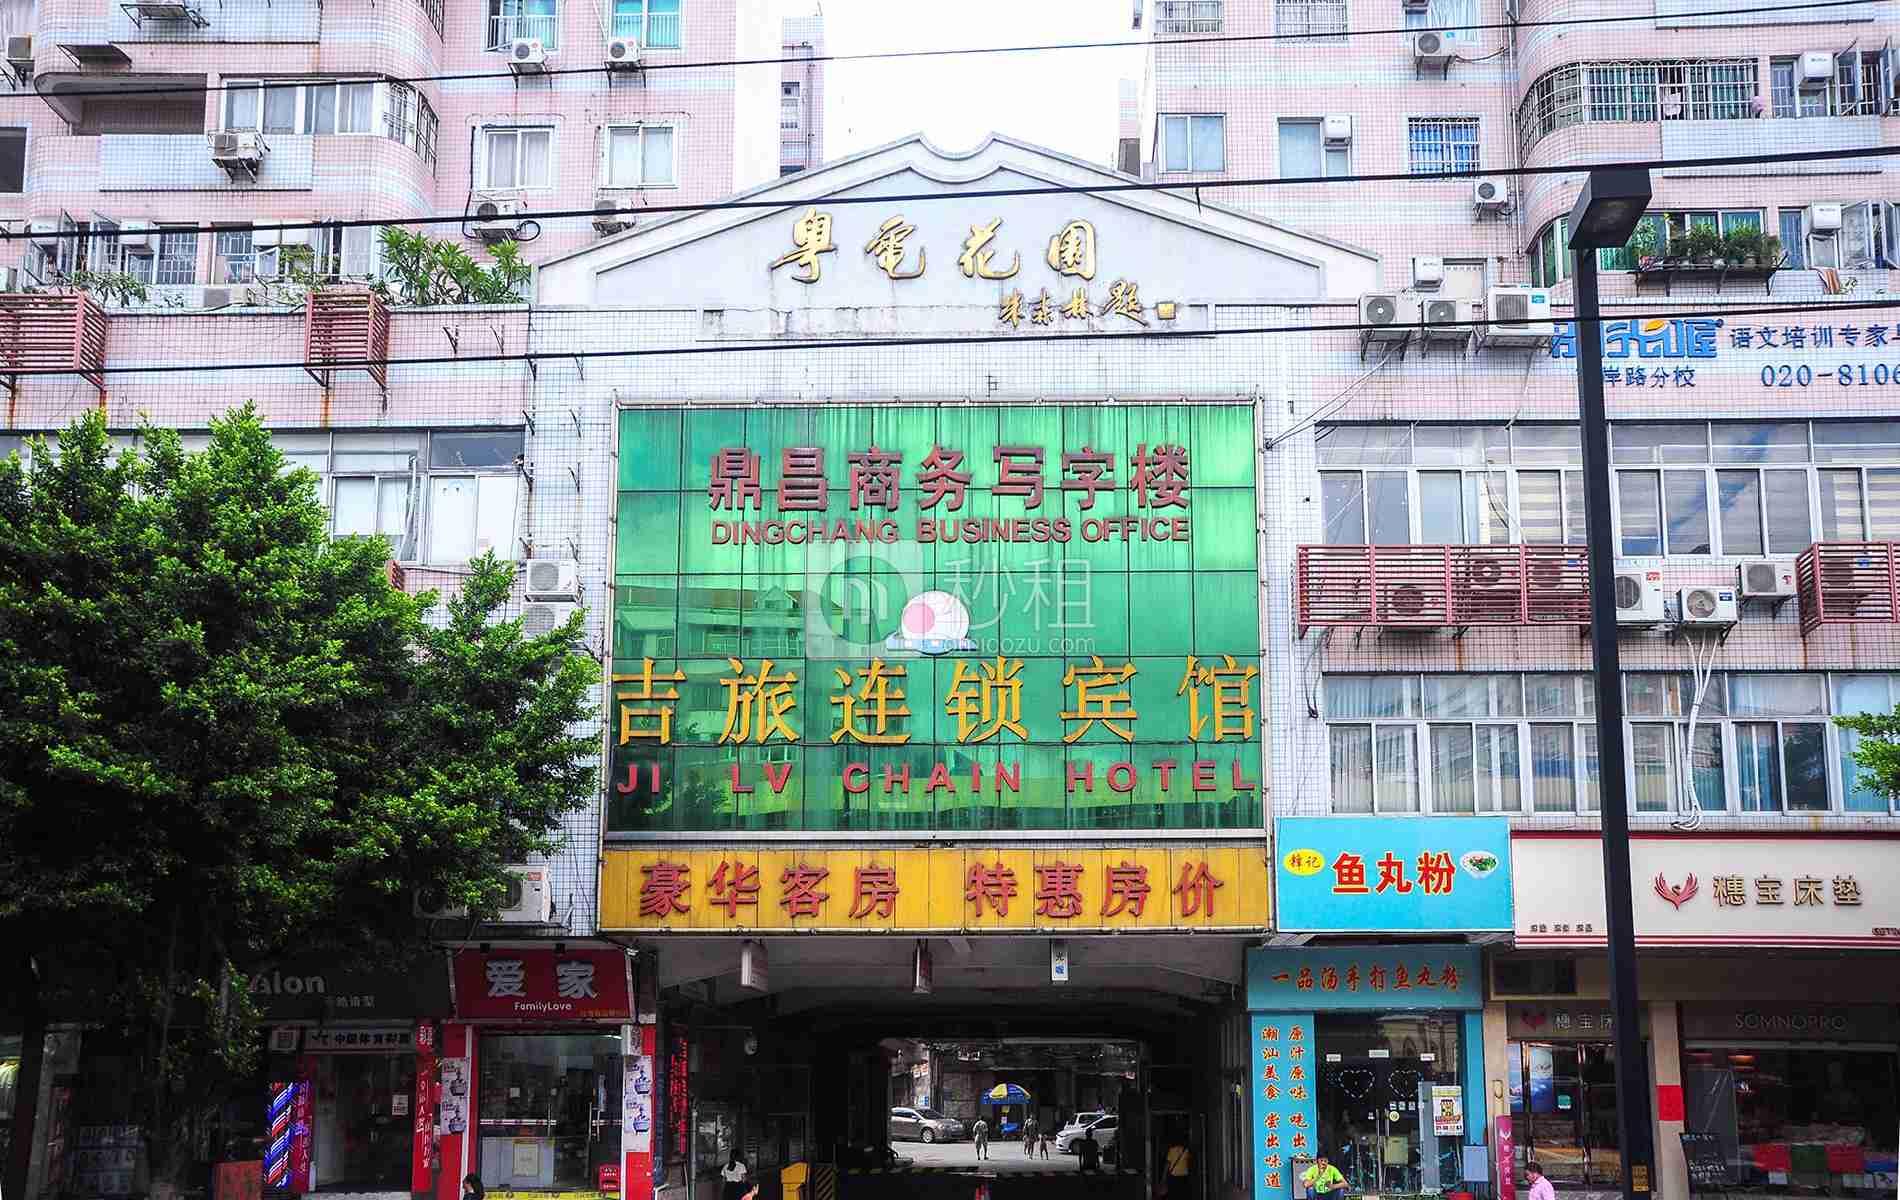 鼎昌商务中心写字楼出租/招租/租赁,鼎昌商务中心办公室出租/招租/租赁